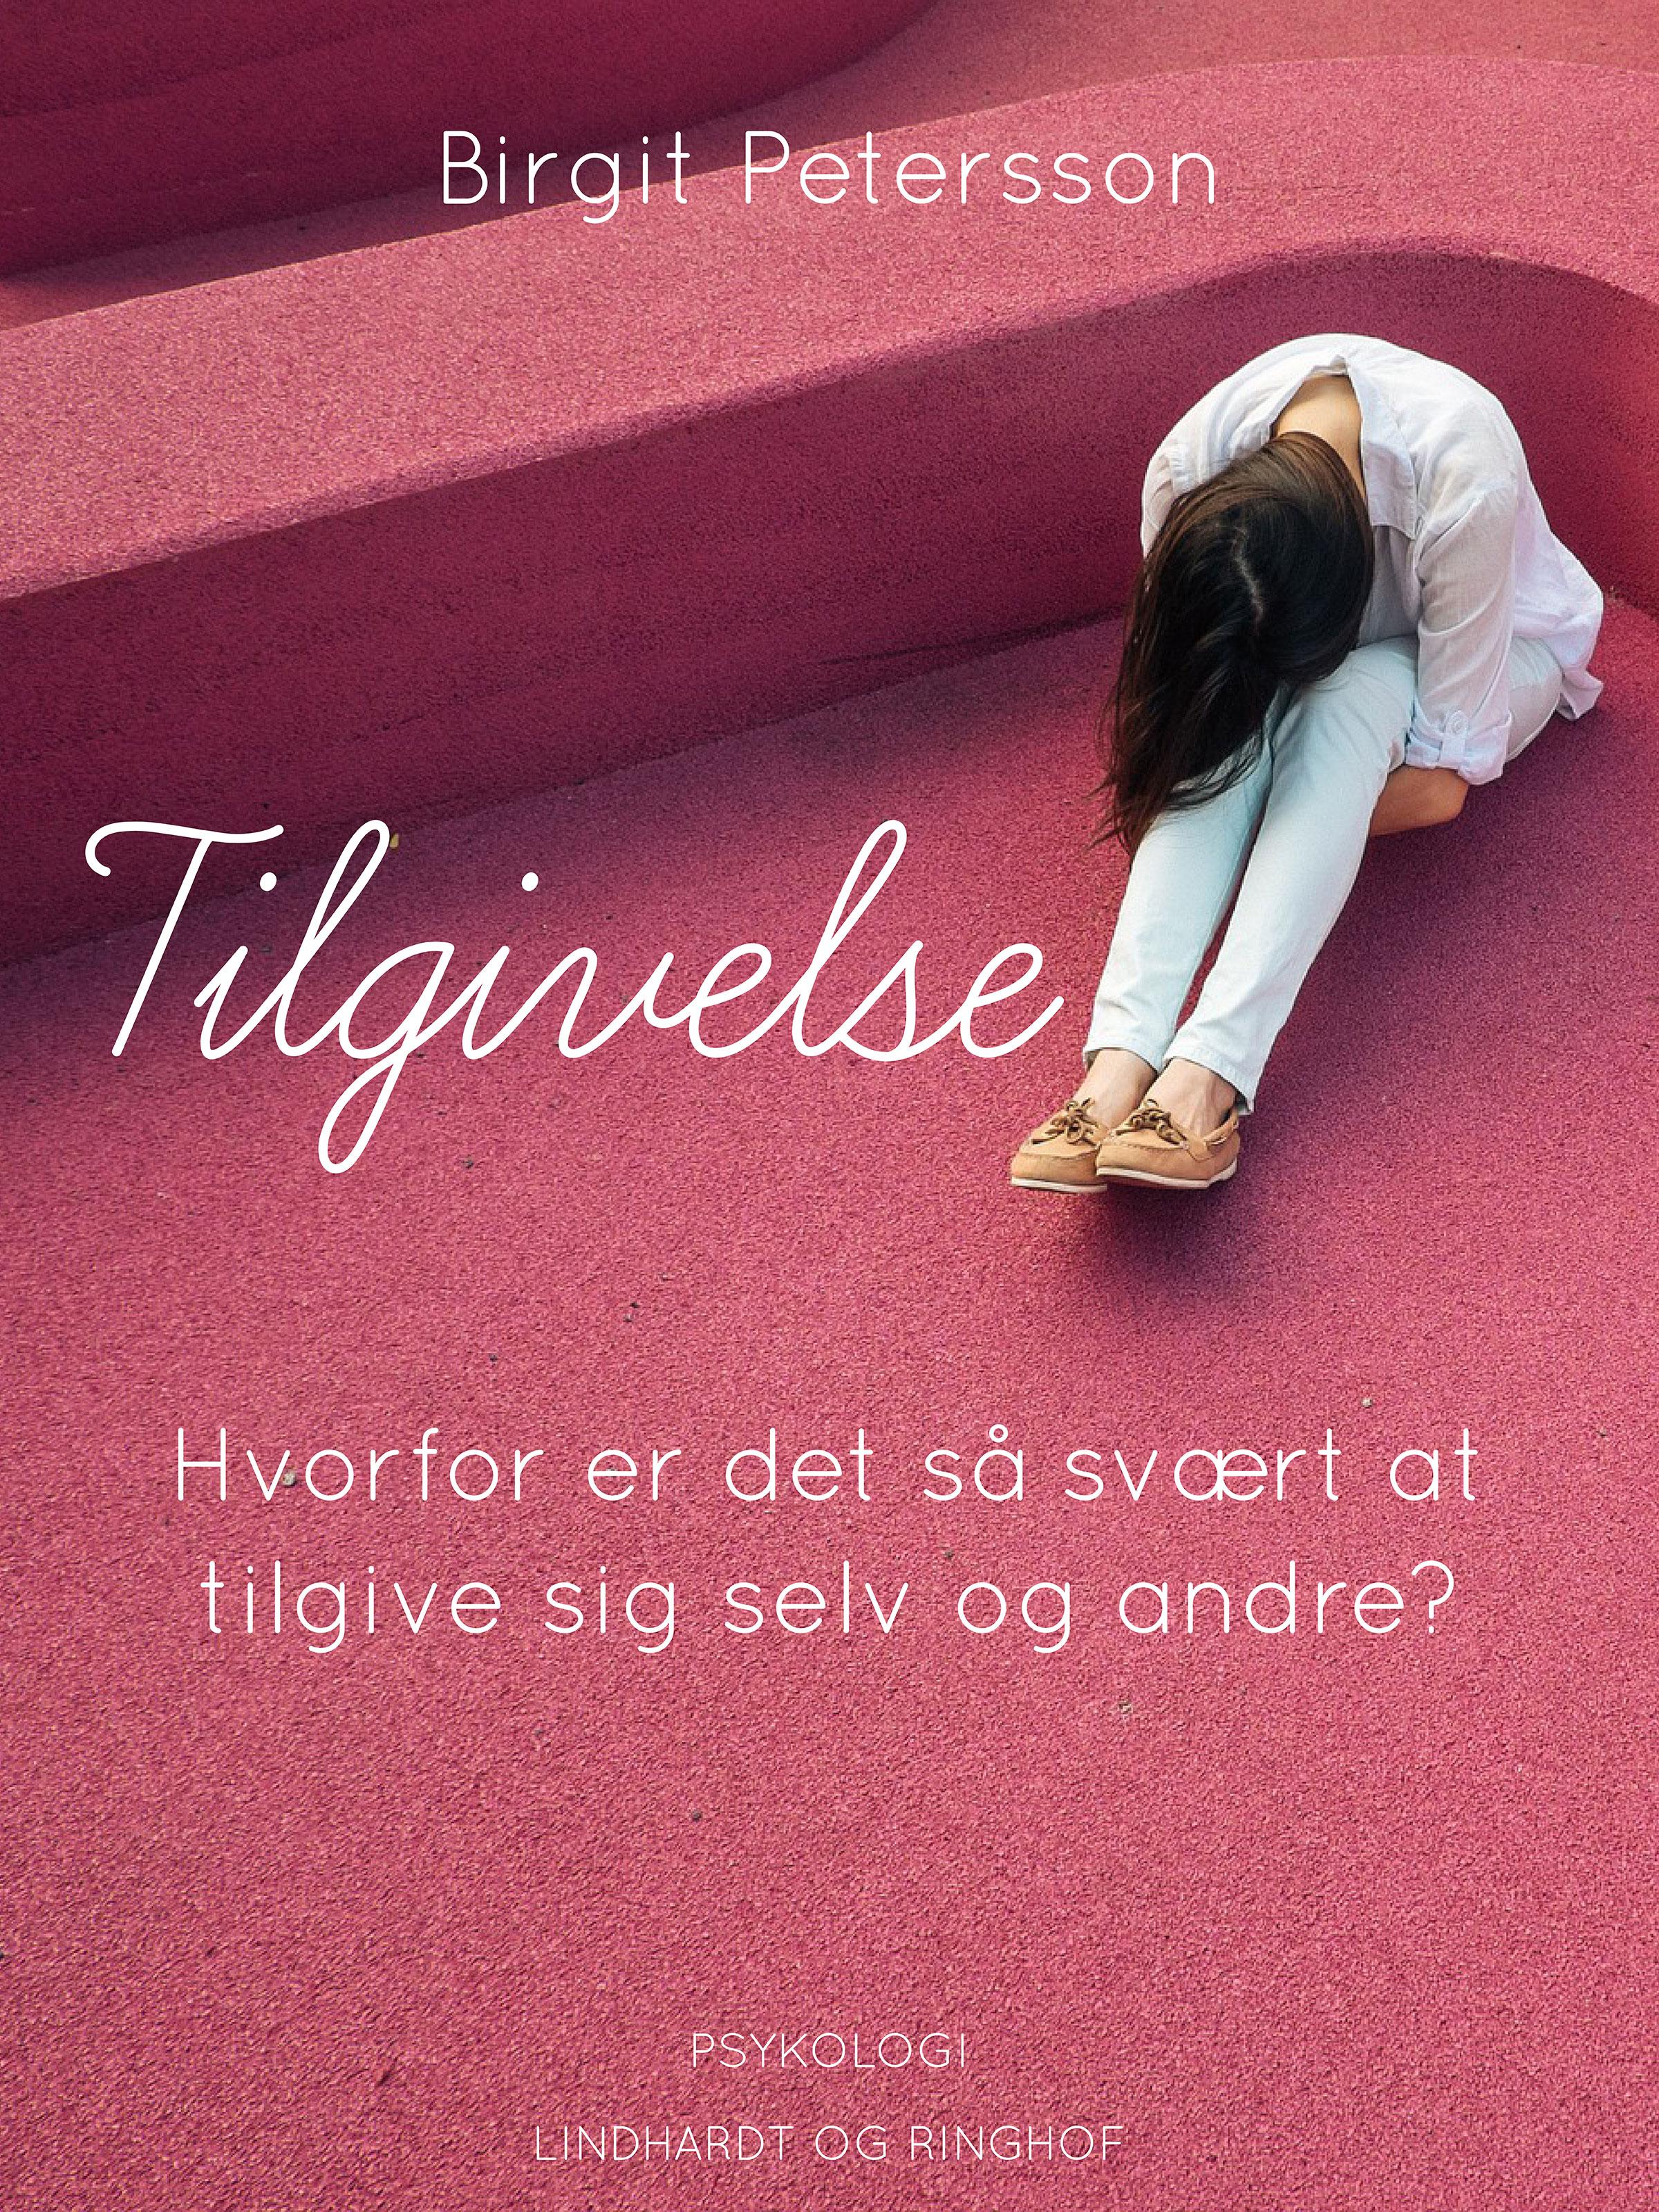 N/A Tilgivelse. hvorfor er det så svært at tilgive sig selv og andre - e-bog fra bog & mystik